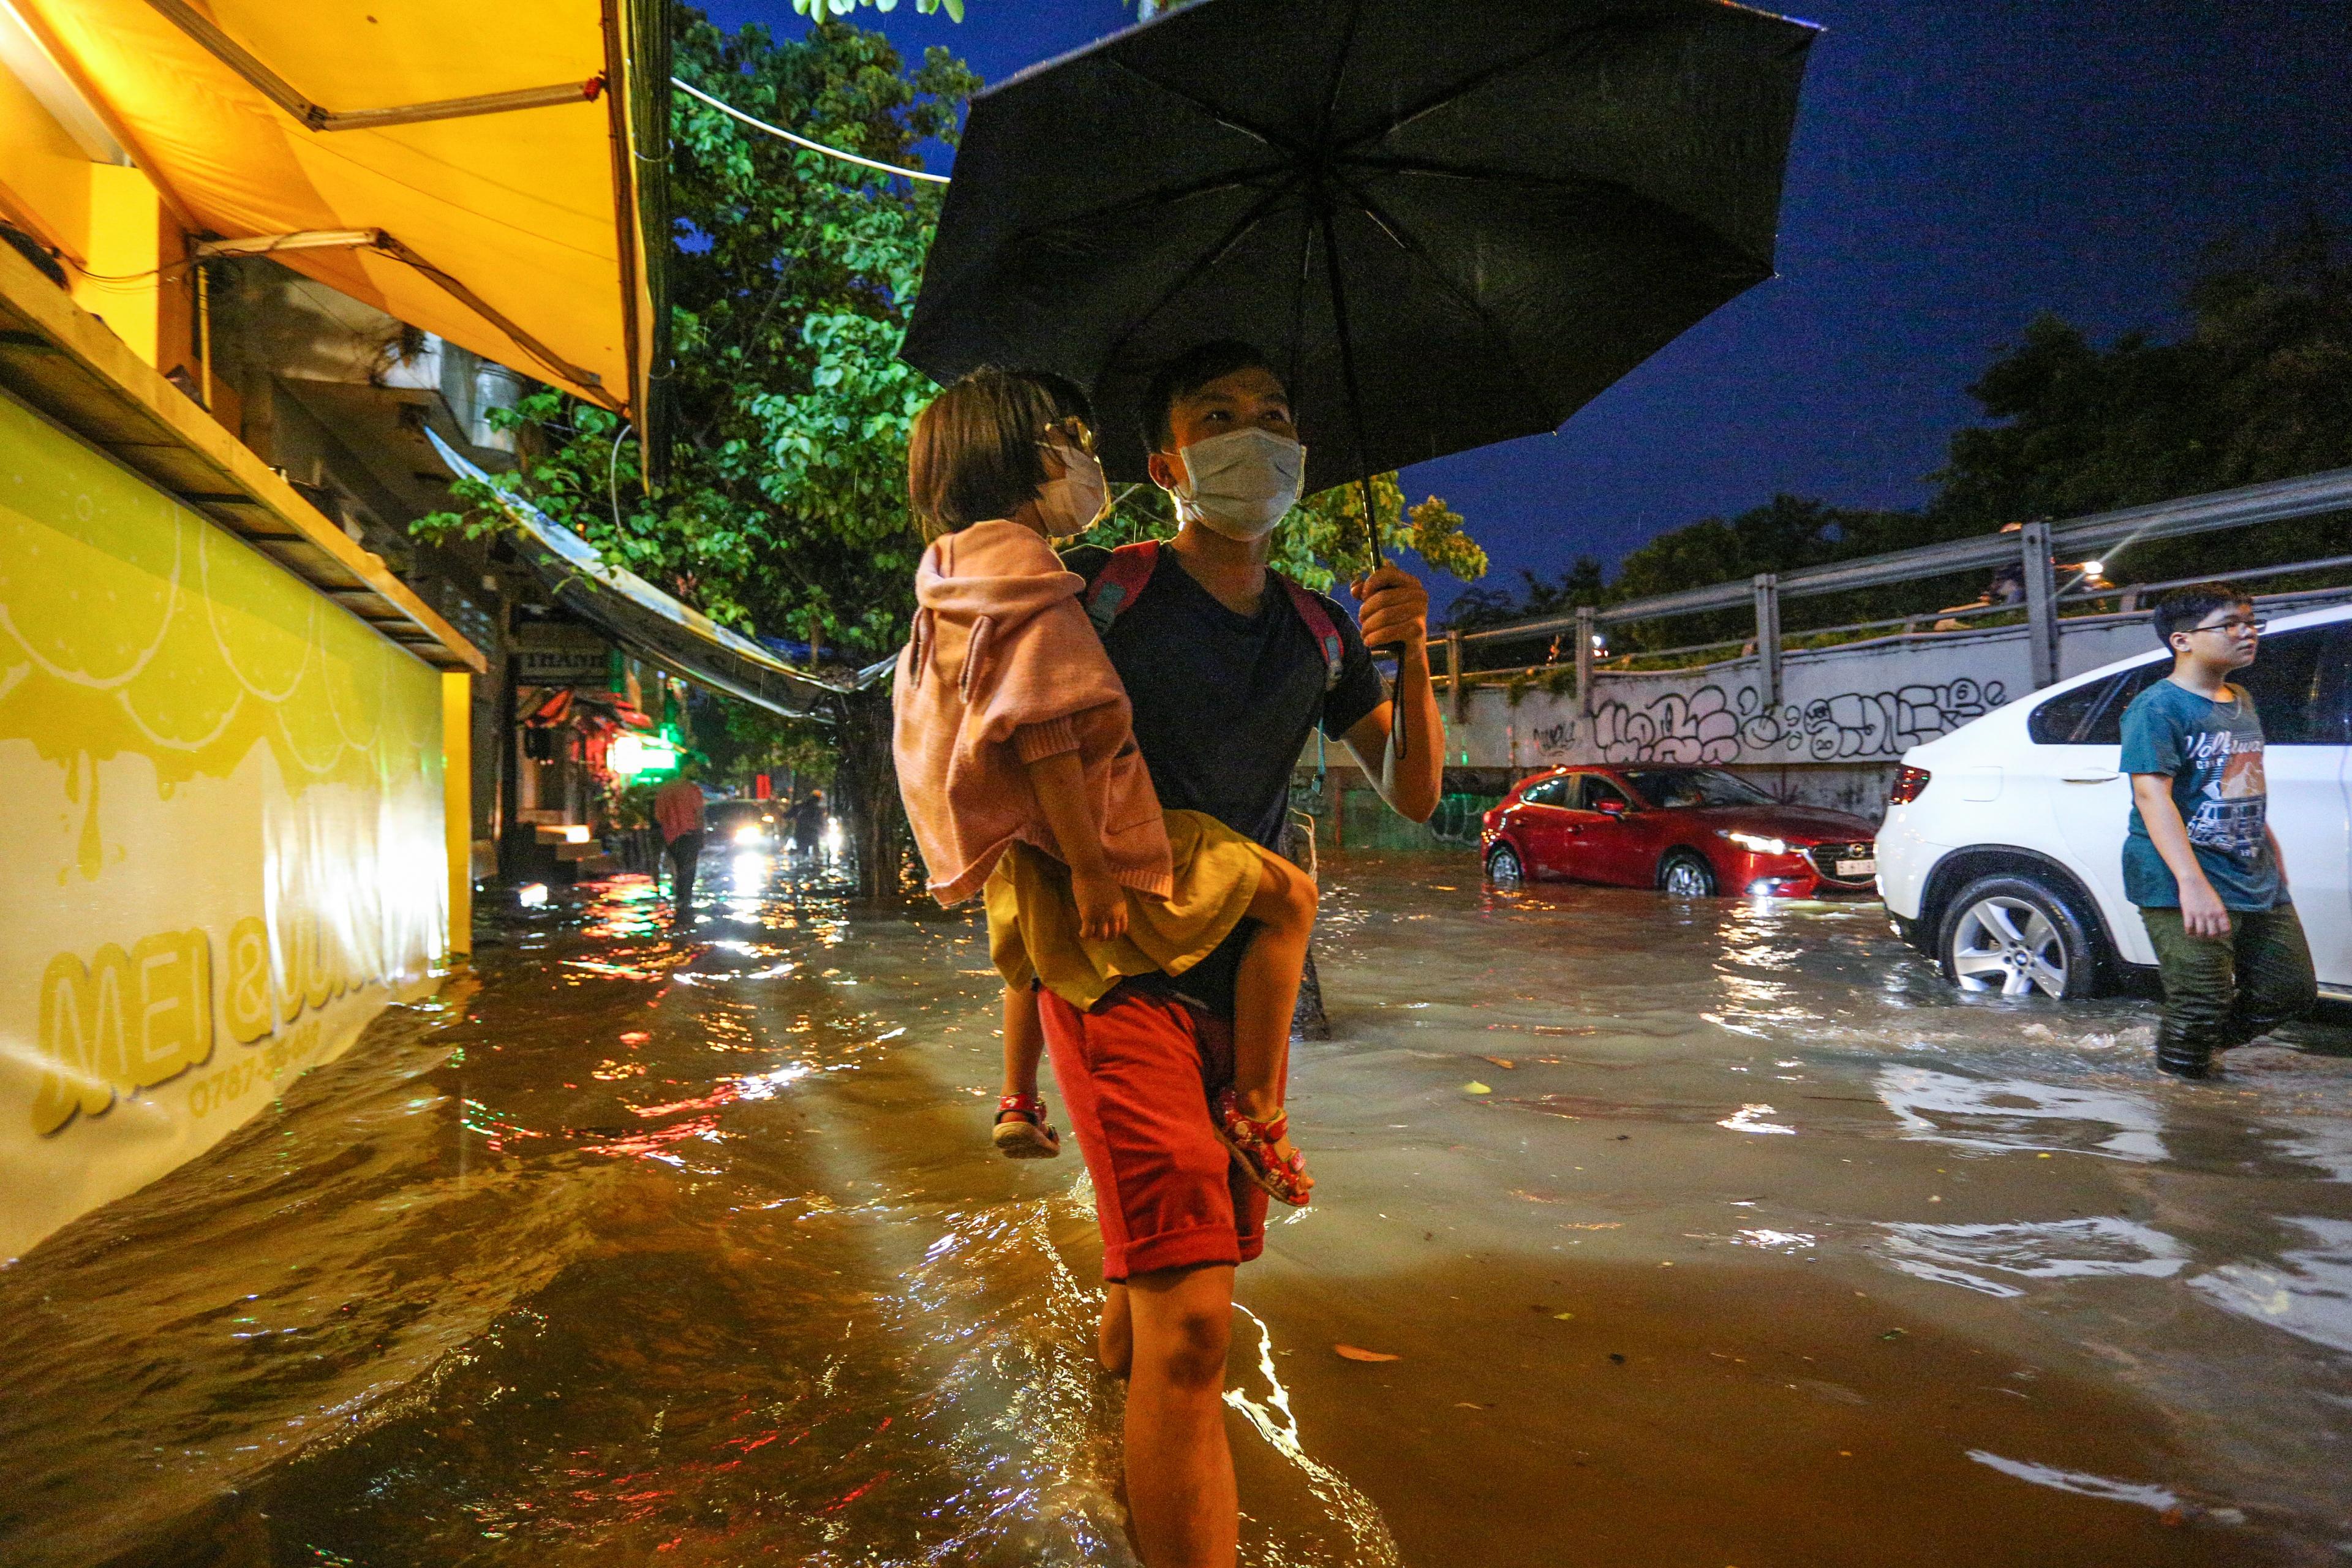 Người Sài Gòn chôn chân trong mưa lớn, ô tô, xe máy không nhúc nhích, giao thông hỗn loạn - Ảnh 11.